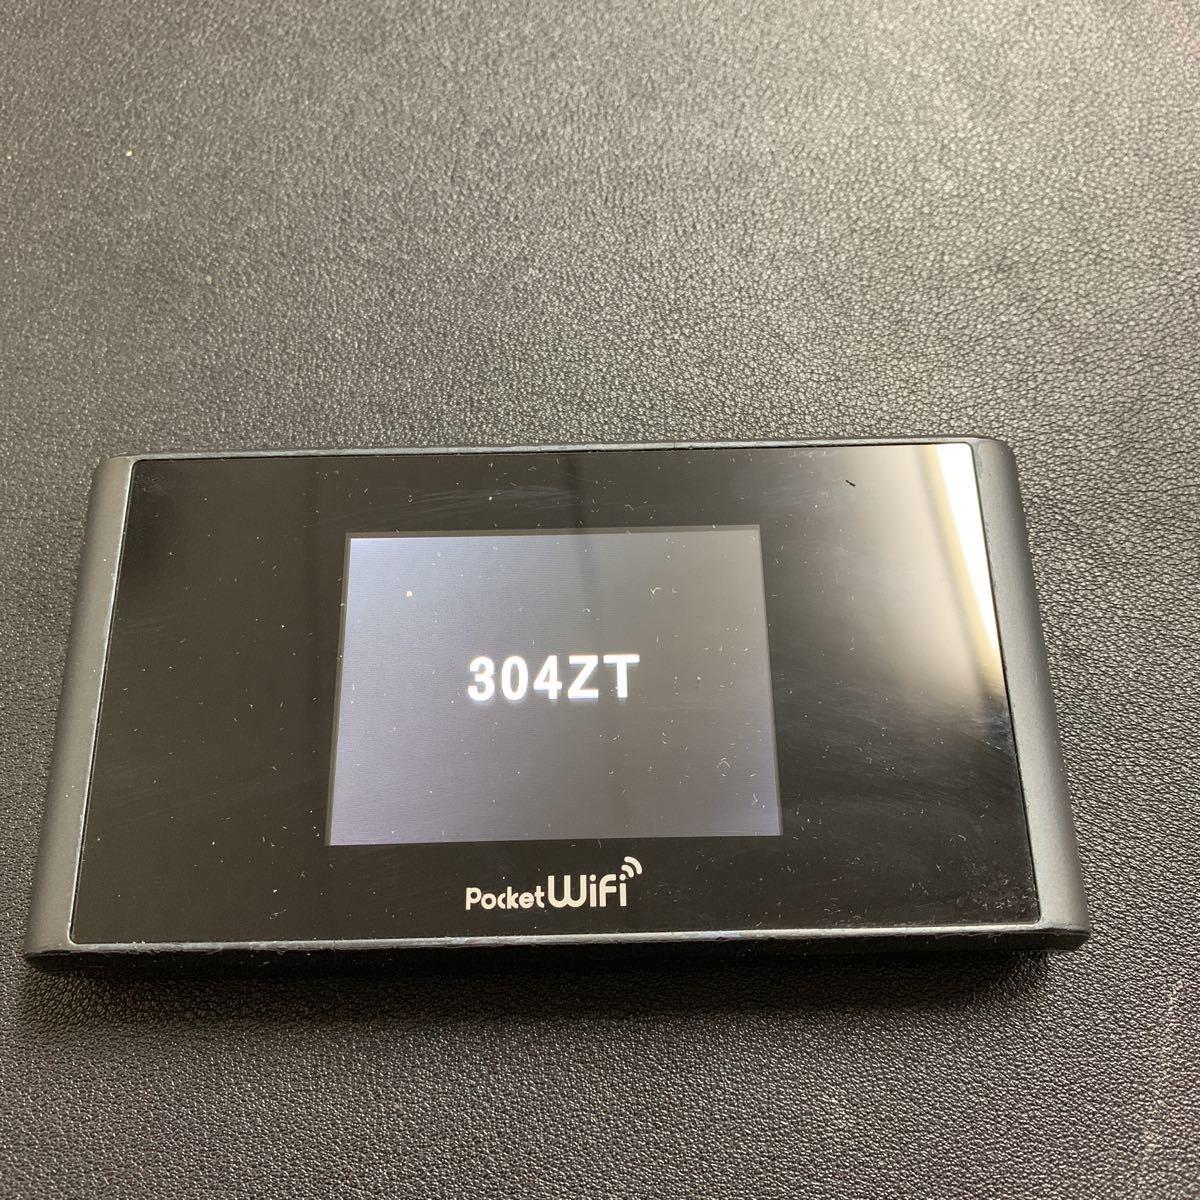 softbank Pocket Wifi 304ZT